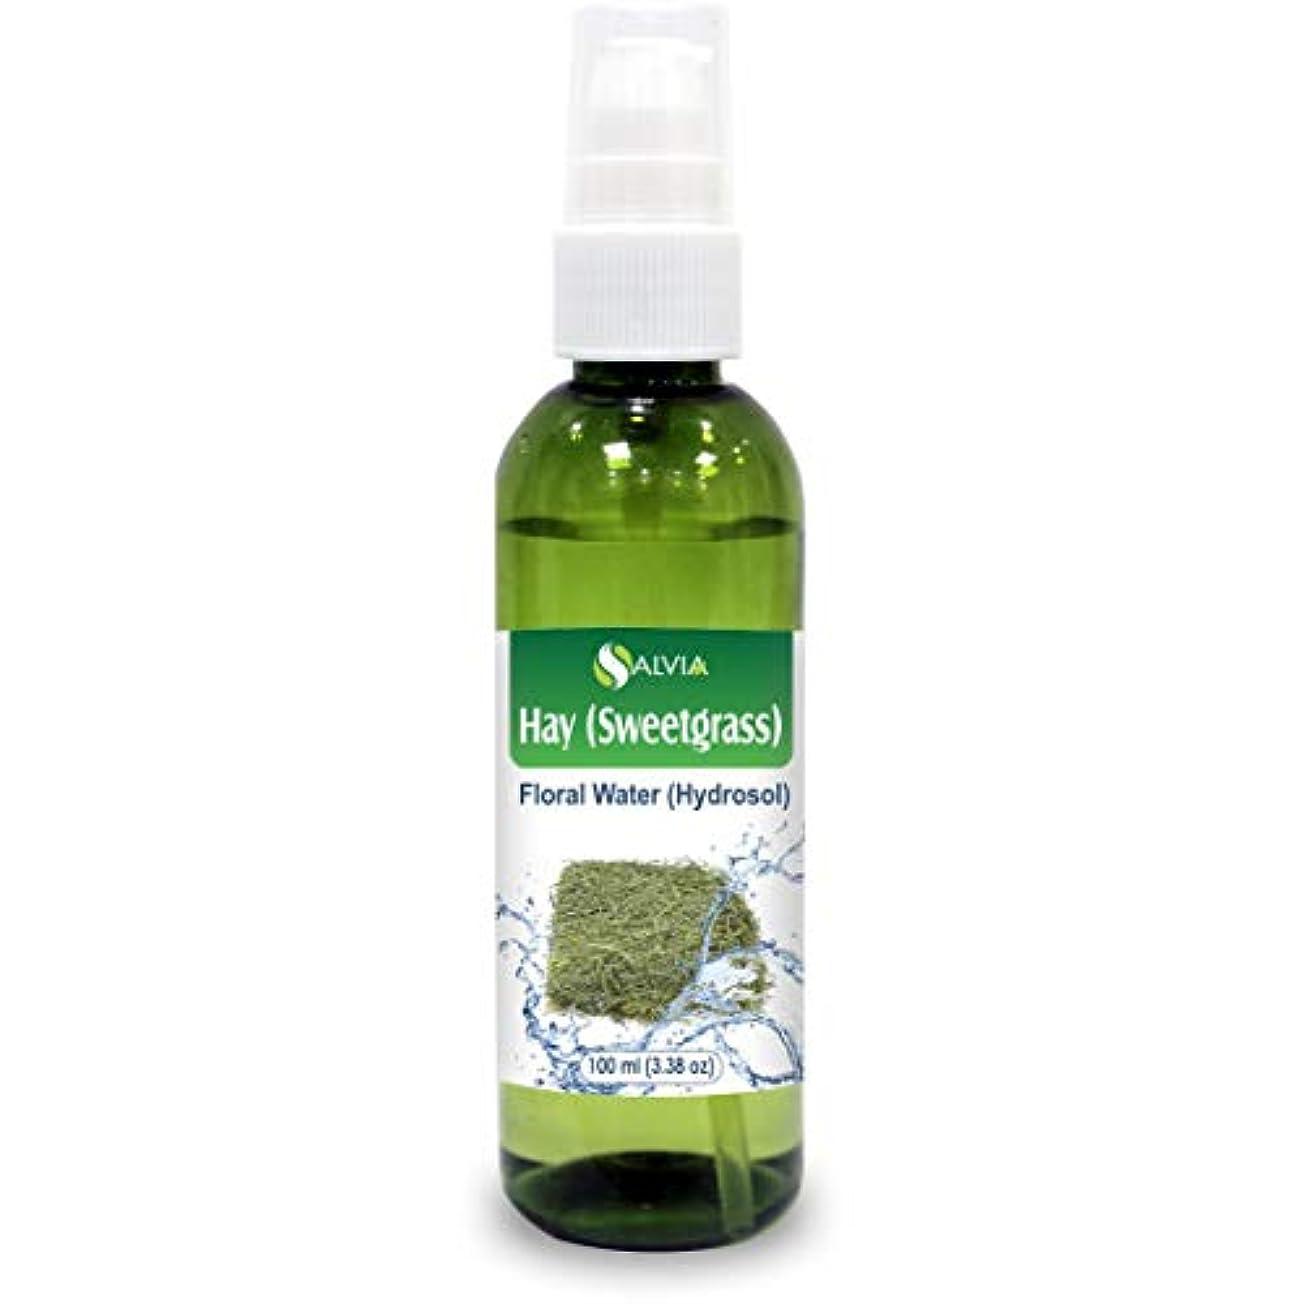 正当化する彼は薄暗いHay (Sweetgrass) Floral Water 100ml (Hydrosol) 100% Pure And Natural